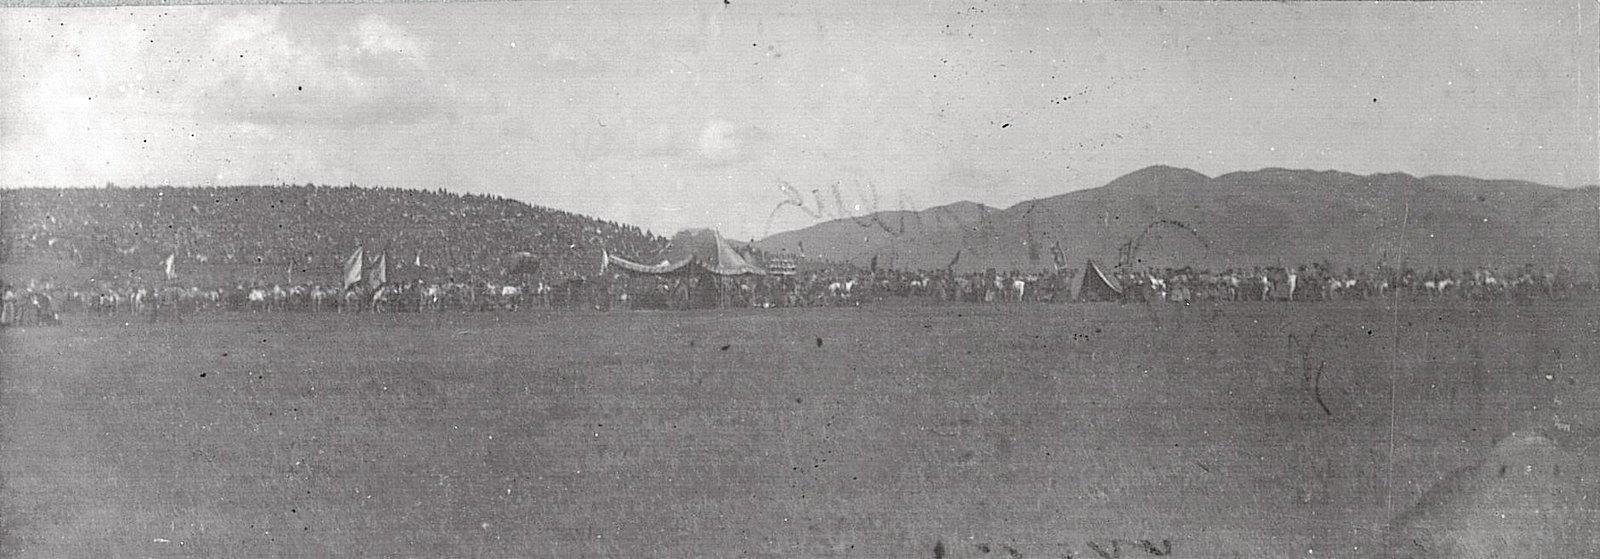 Палатка и свита Богдо-Гегена